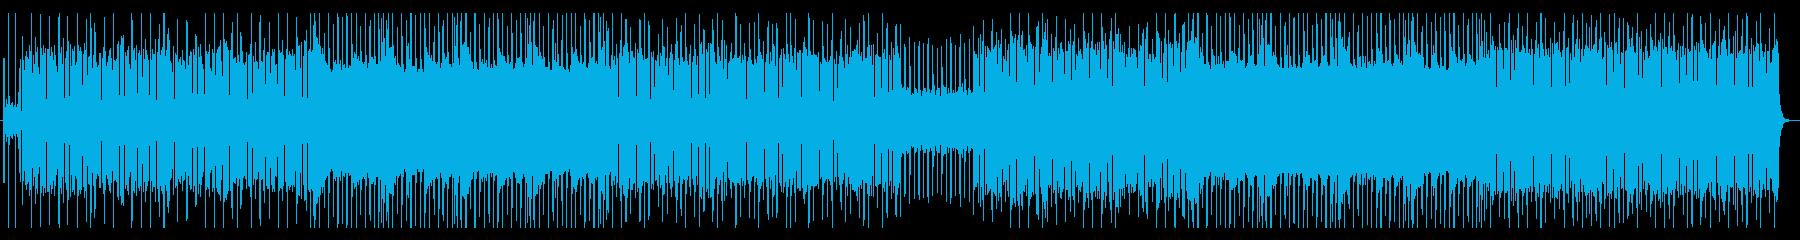 ポップで軽快なエレクトロの再生済みの波形